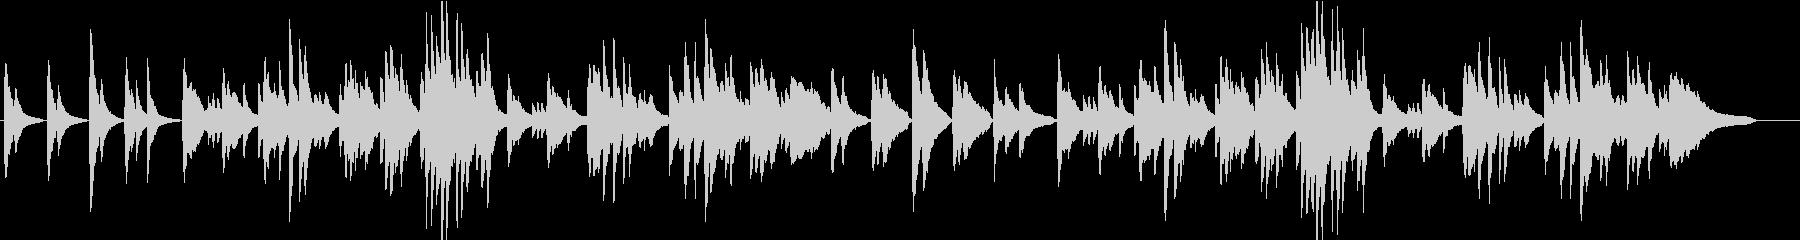 穏やかで切ないピアノソロ_002の未再生の波形